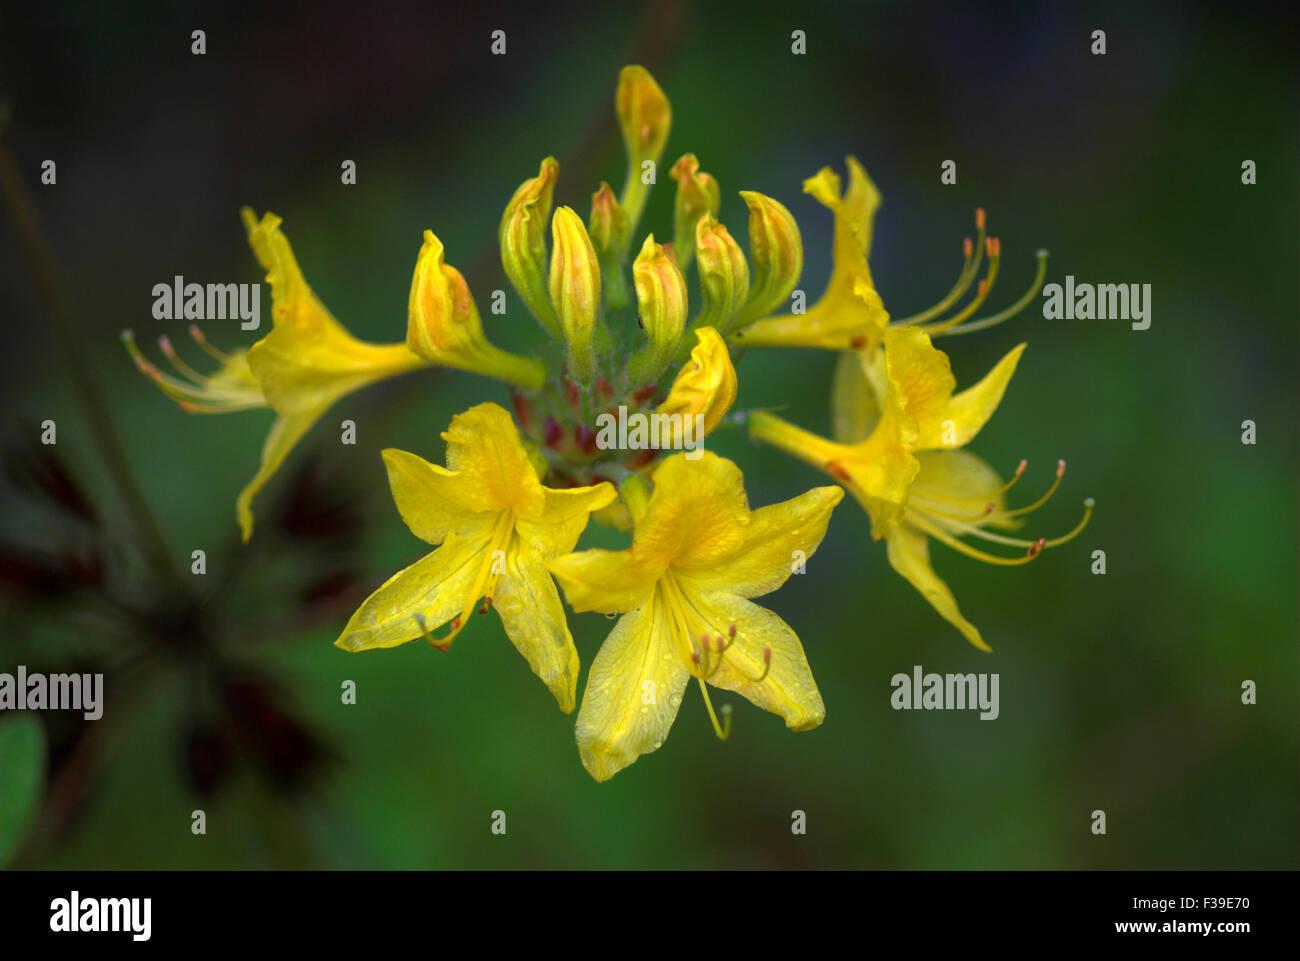 azalea luteum garden shrub - Stock Image